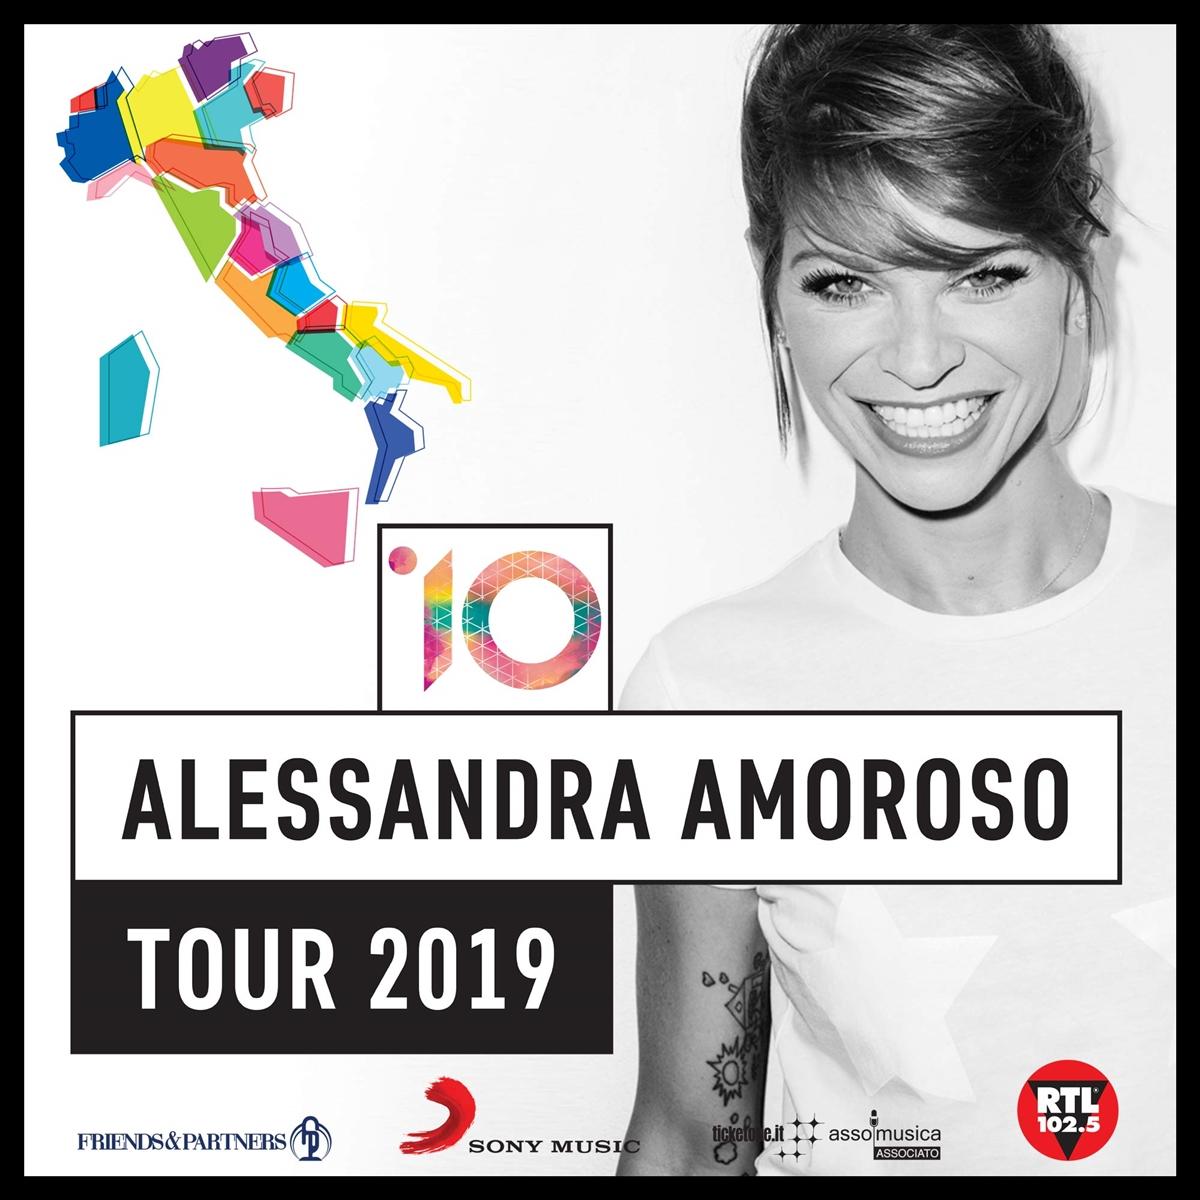 """DOMANI ALESSANDRA AMOROSO TORNA AL PALASELE CON """"10 TOUR"""", SOLD OUT BIS PER L'ARTISTA"""